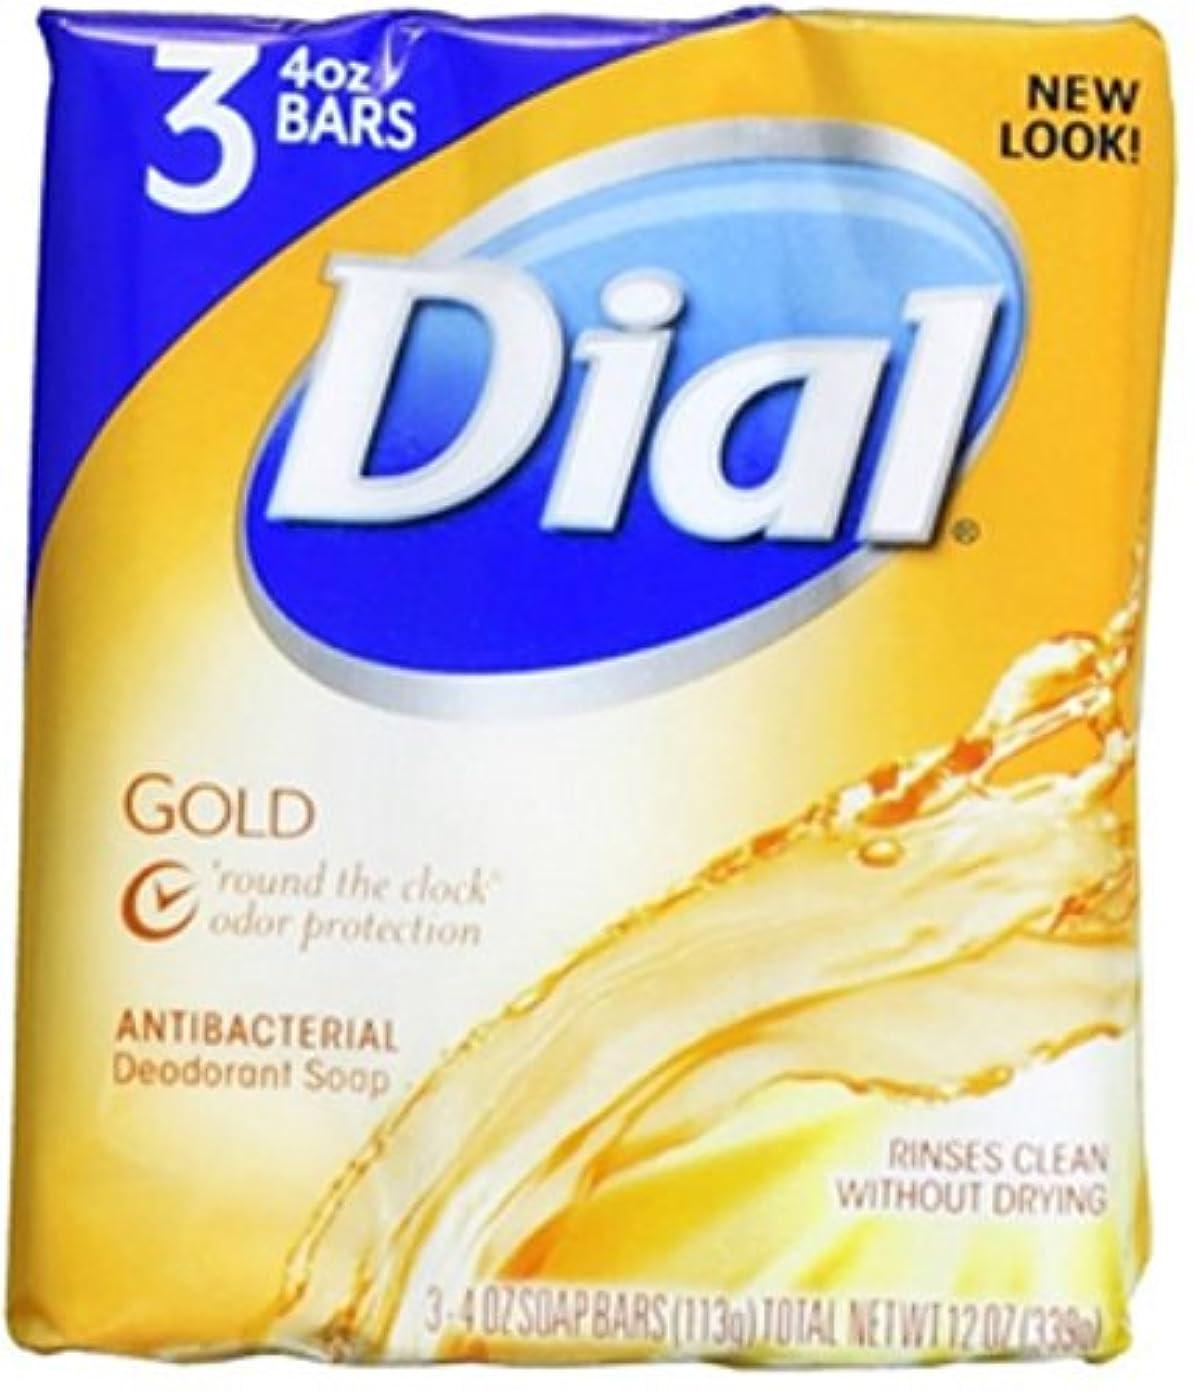 によって万一に備えて田舎者Dial 抗菌消臭石鹸バー、ゴールド、4つのオズバー、3 Eaは(6パック)